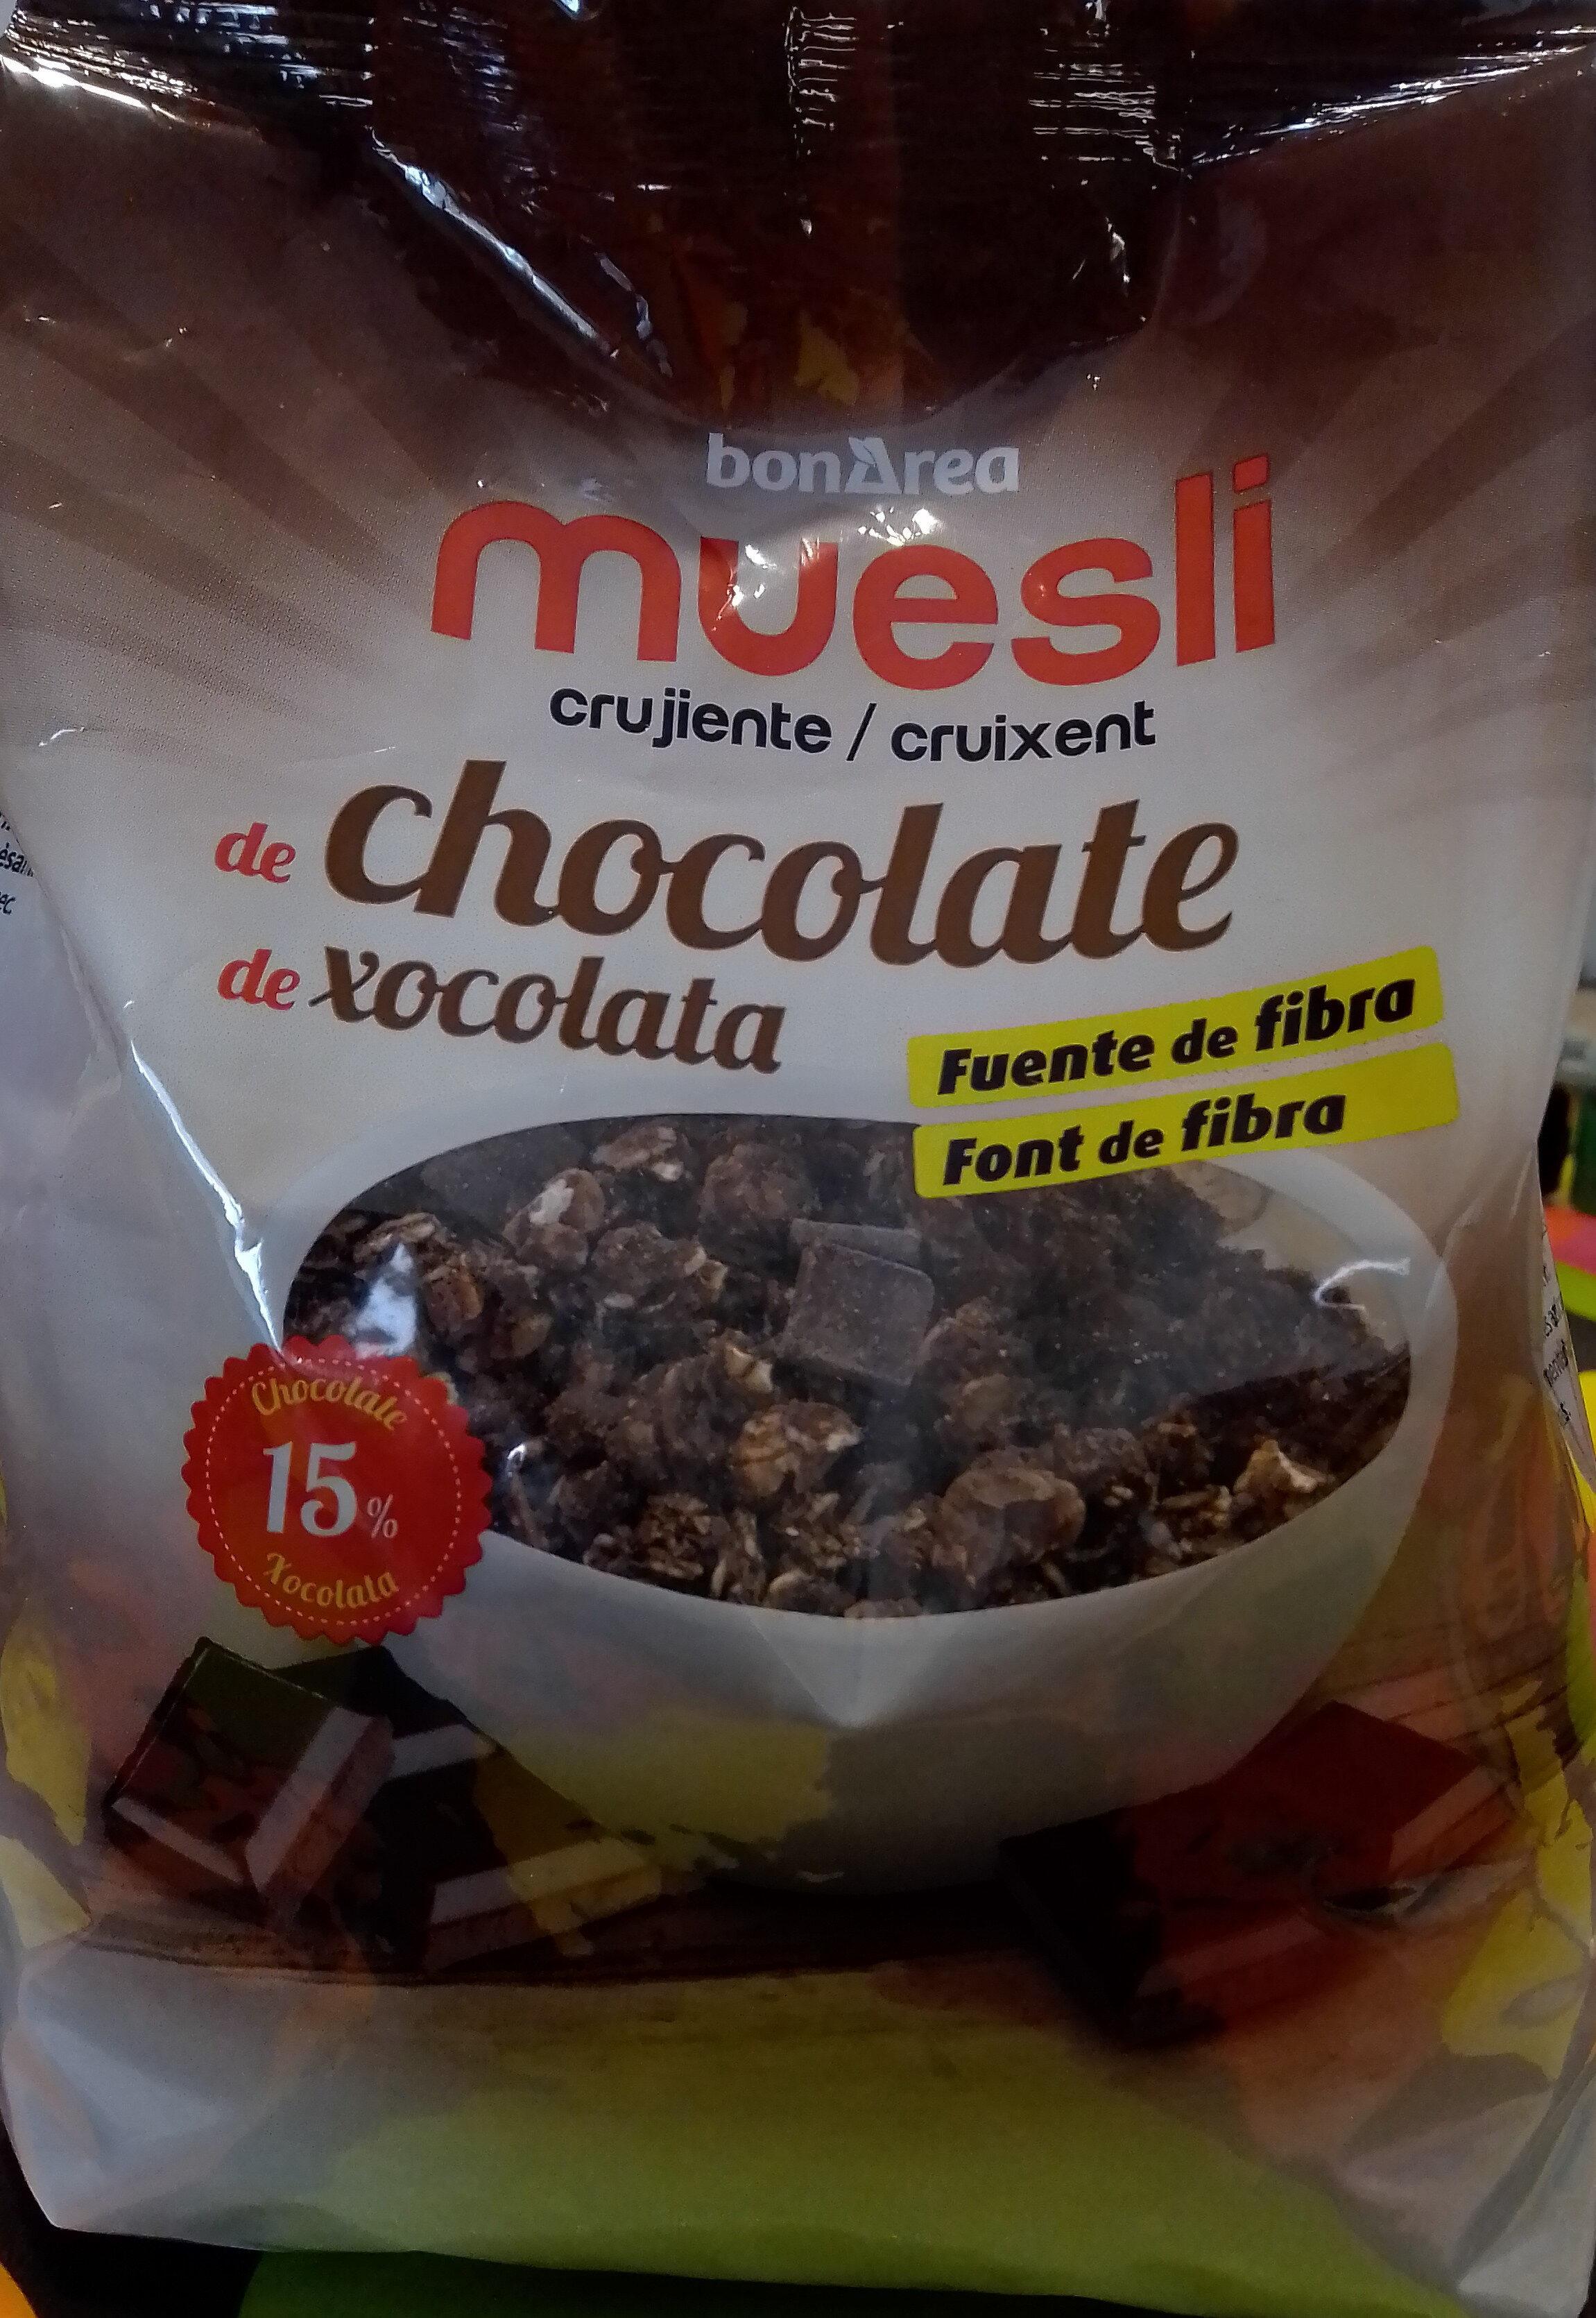 Muesli crujiente de chocolate - Producte - ca